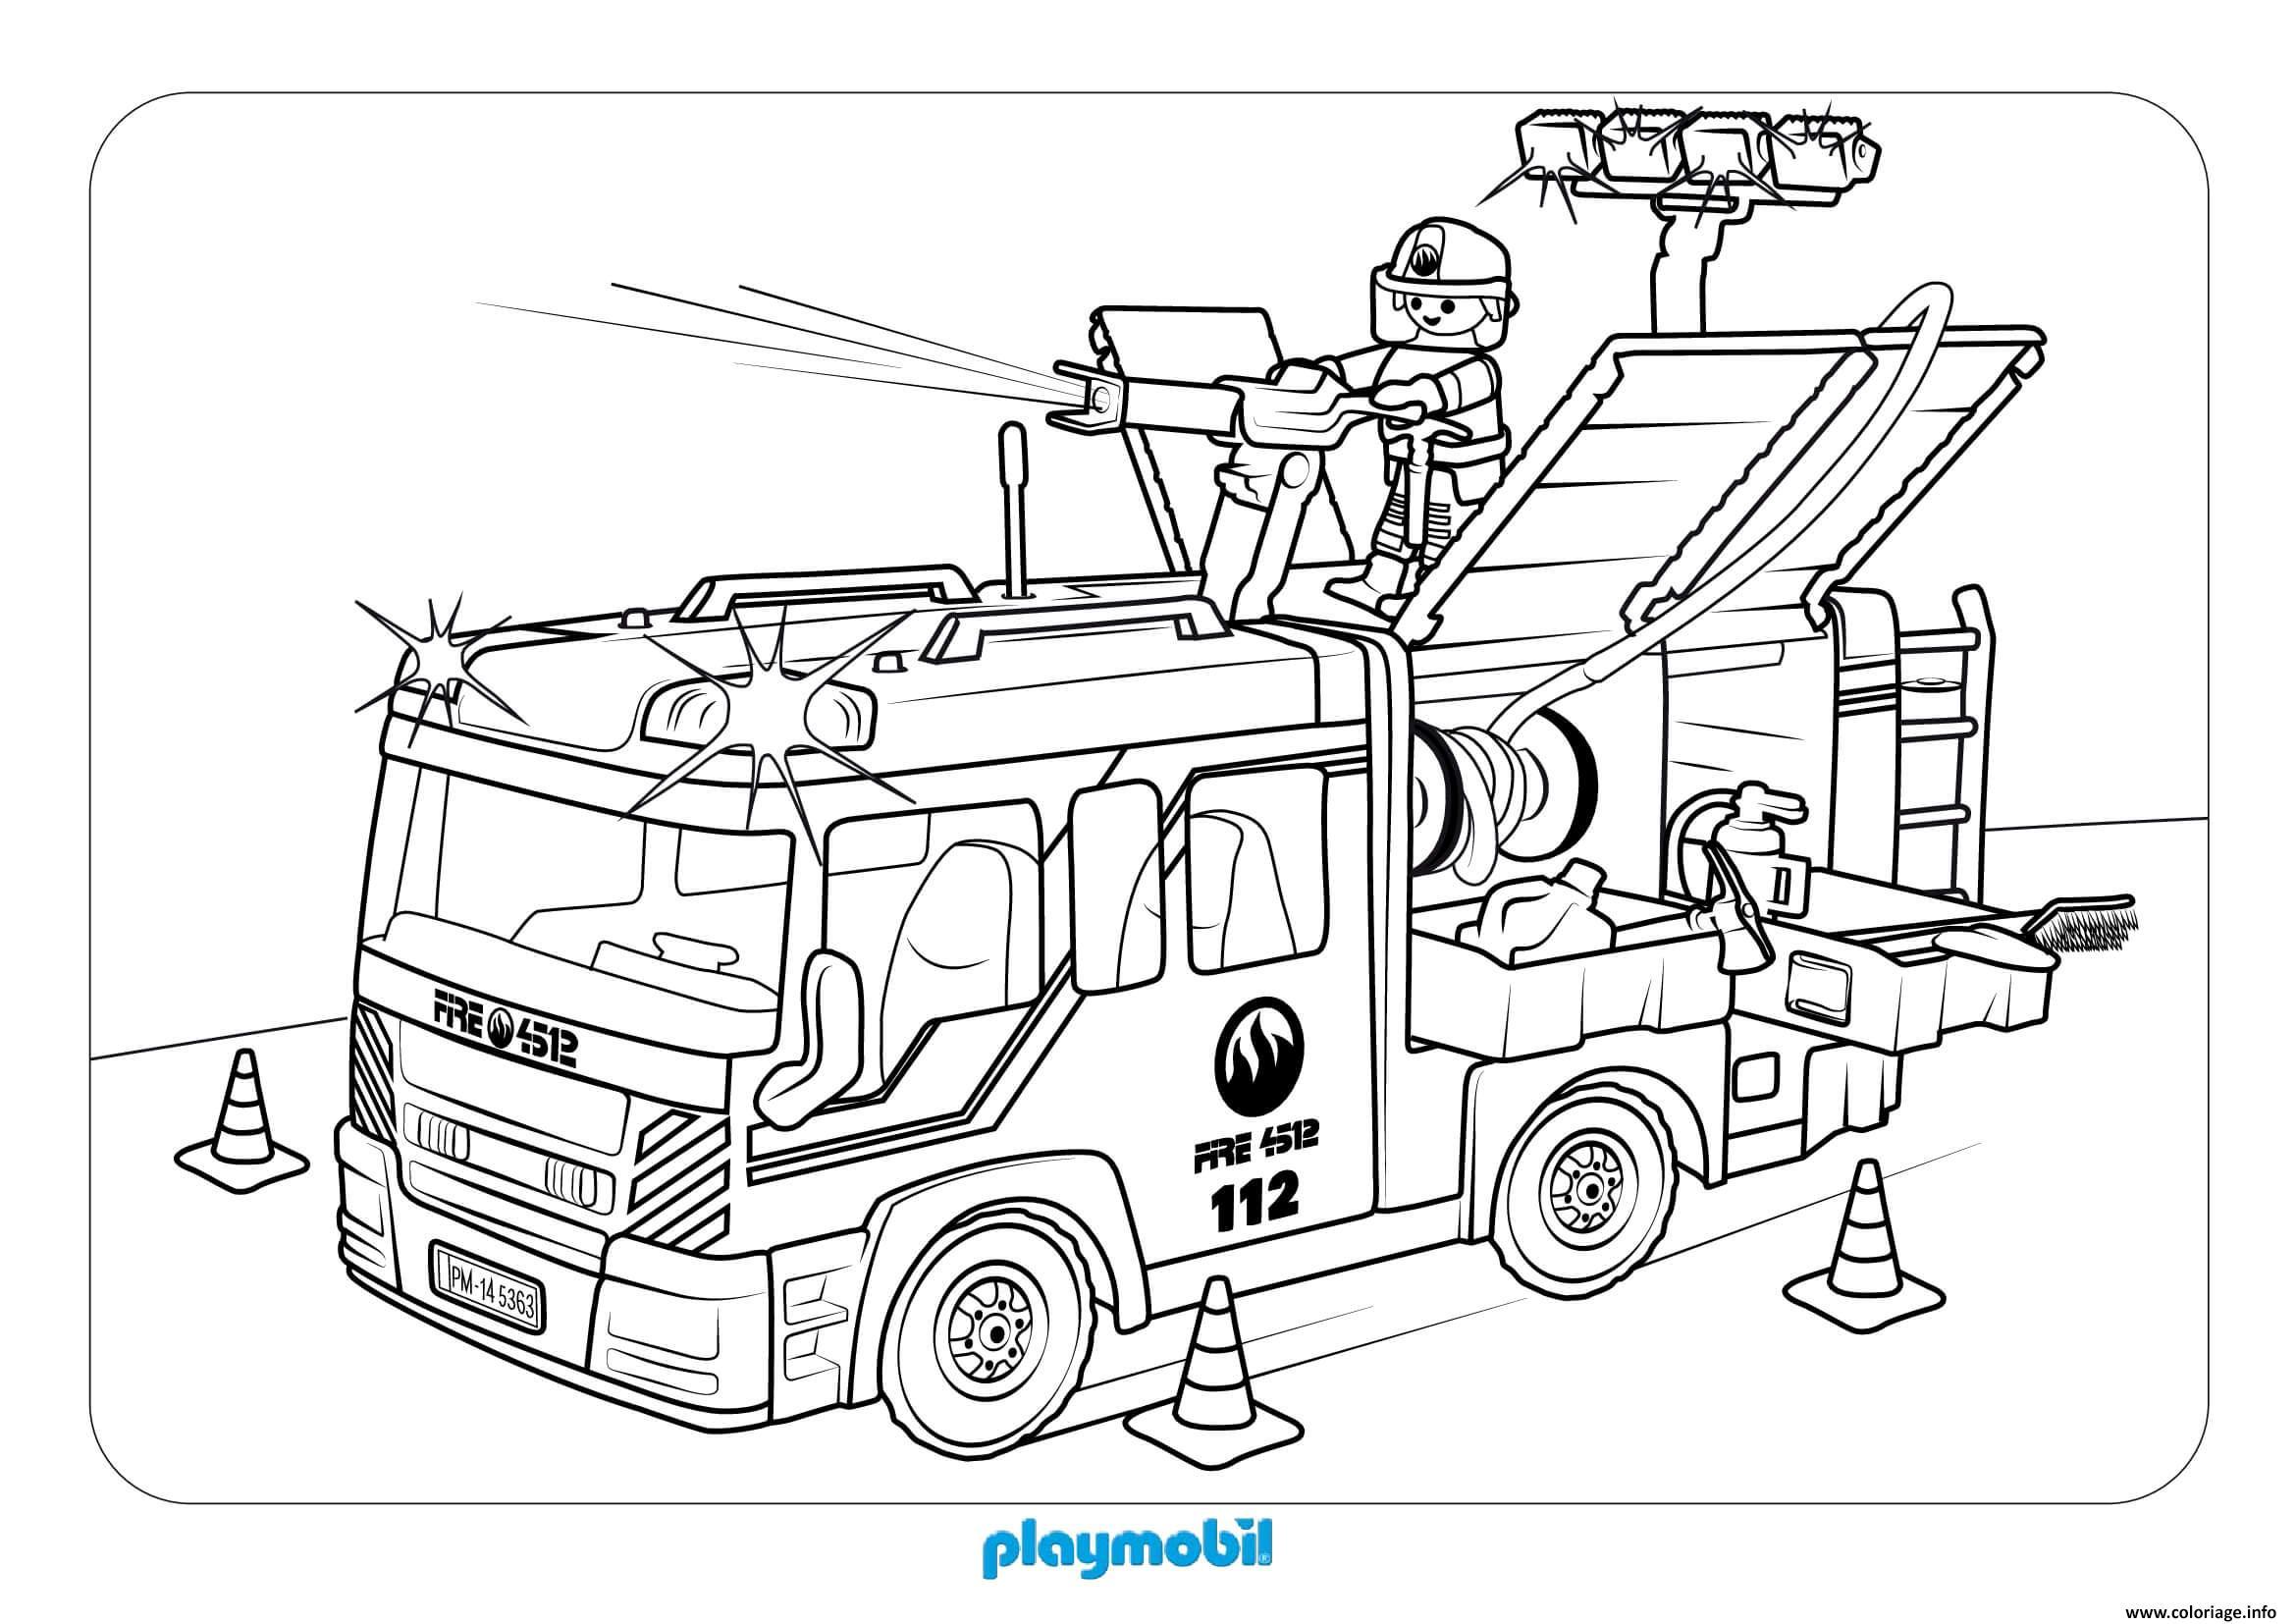 Coloriage Camion De Pompier Playmobil Dessin Playmobil à ...